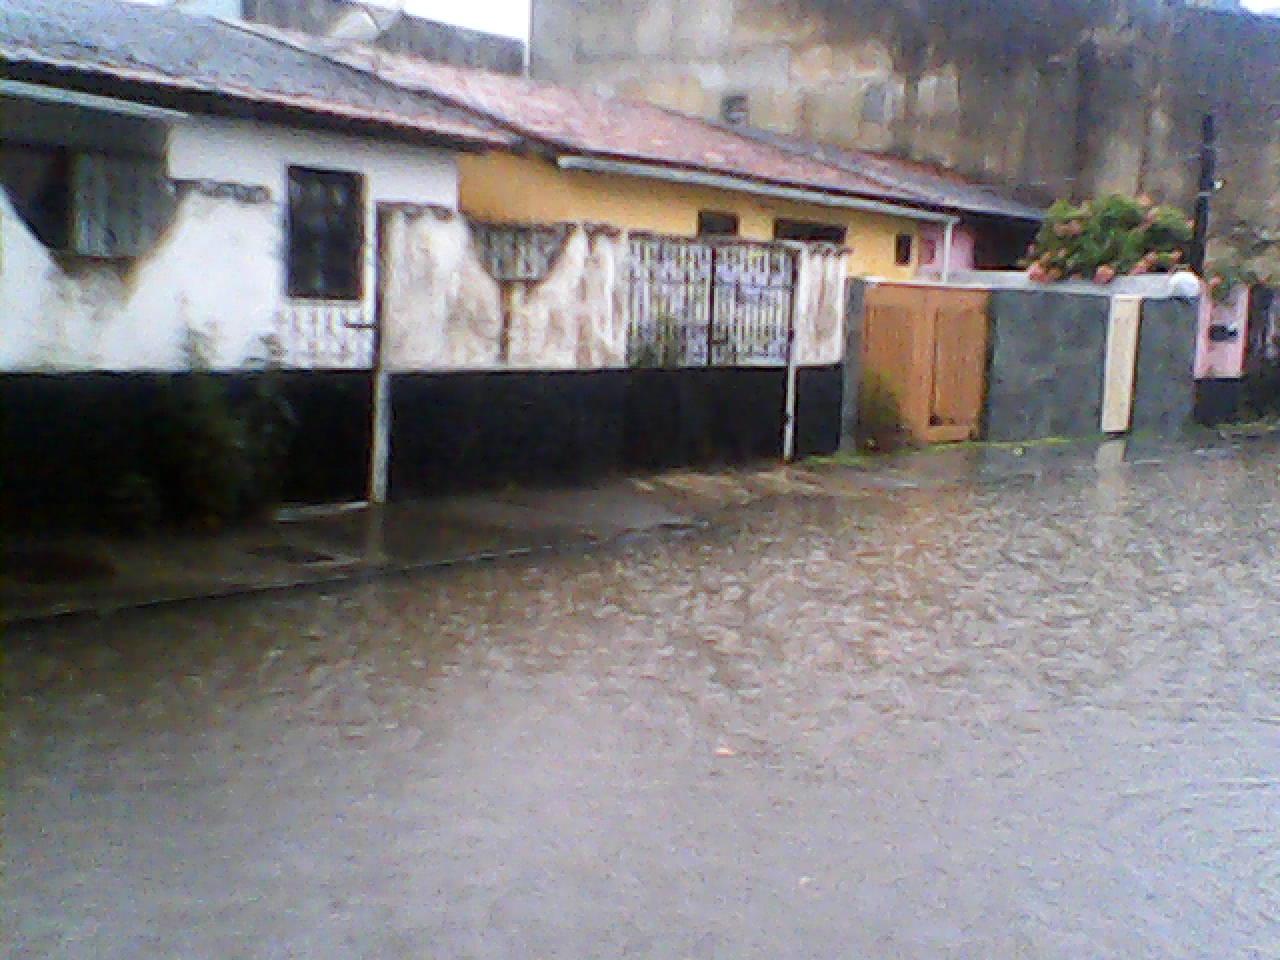 Imagem do Caminho 8, no bairro Hernani Sá (zonal sul de Ilhéus). Fotos: Geraldo Fraga.